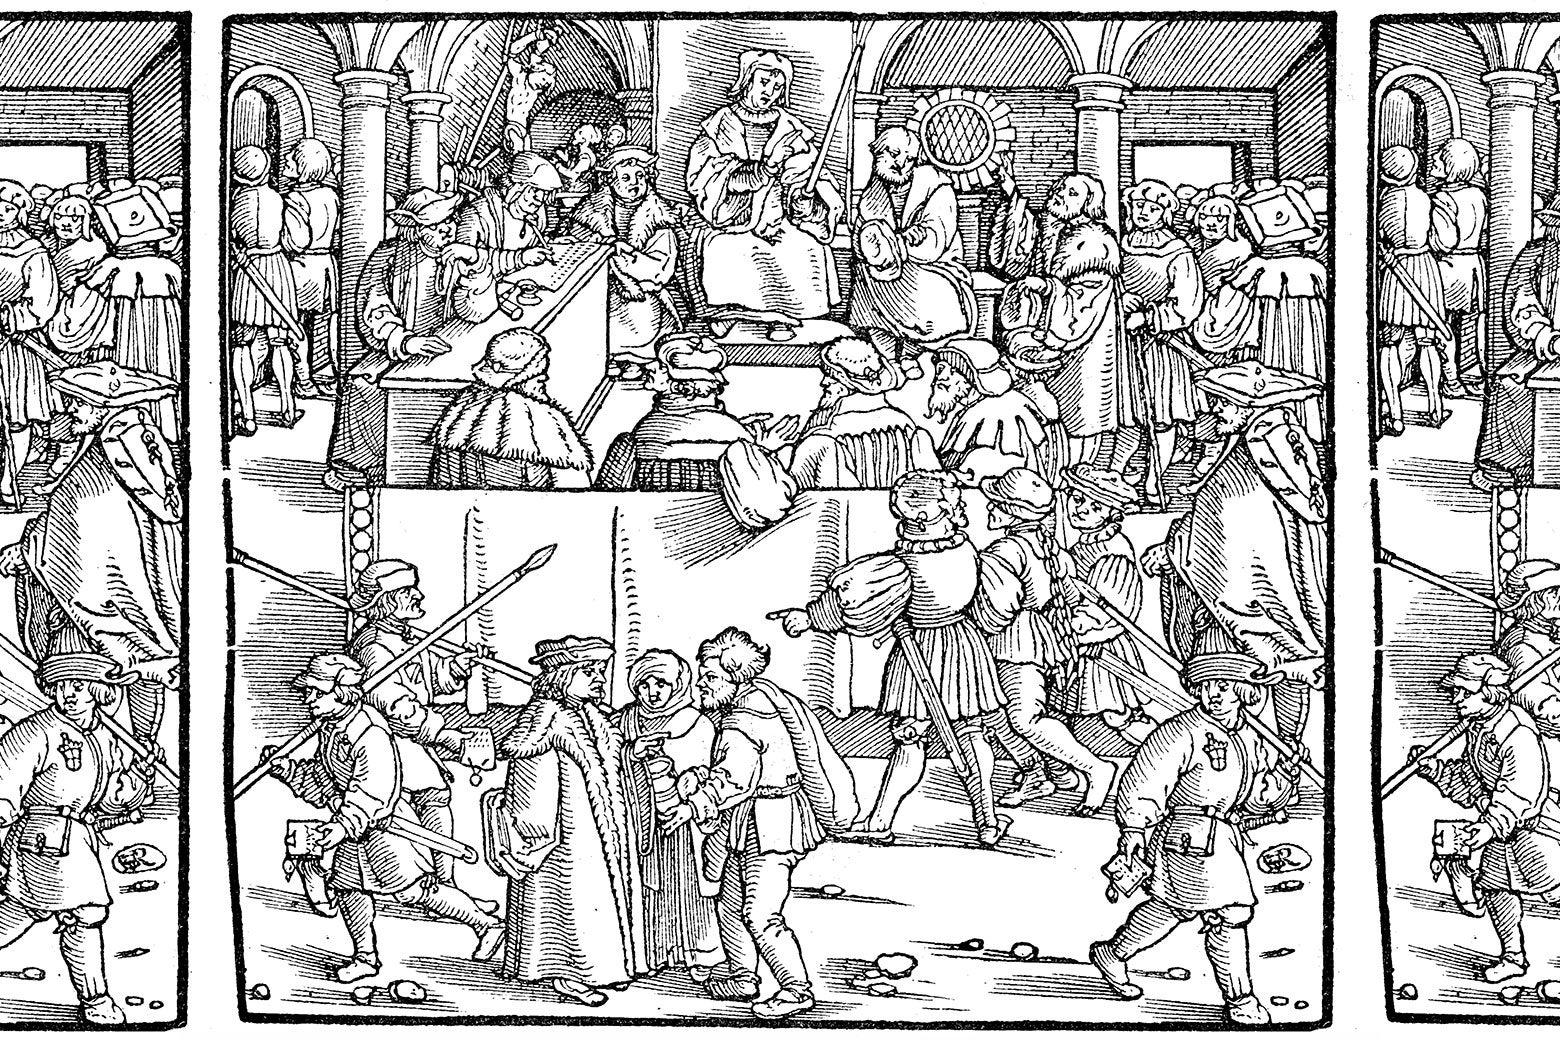 A medieval scene.